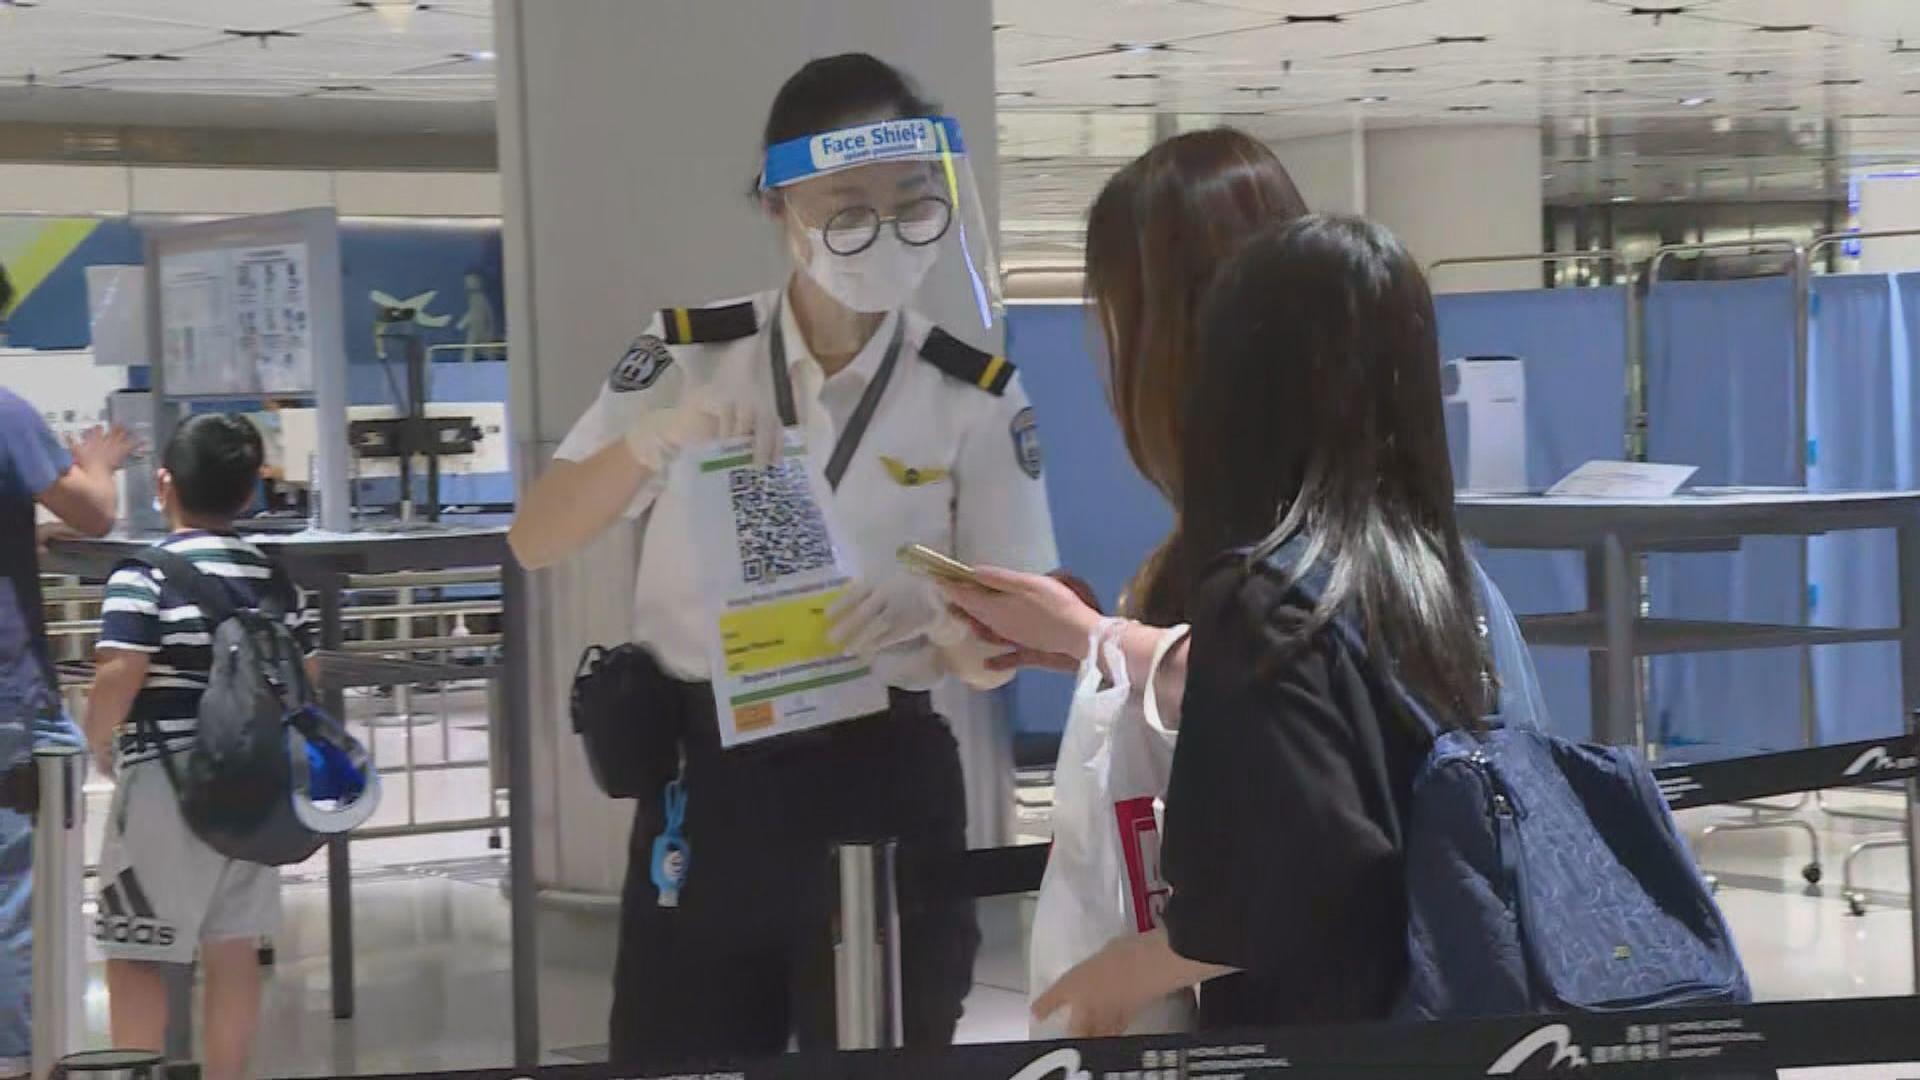 本港新增兩宗輸入確診 帶L452R變異病毒株